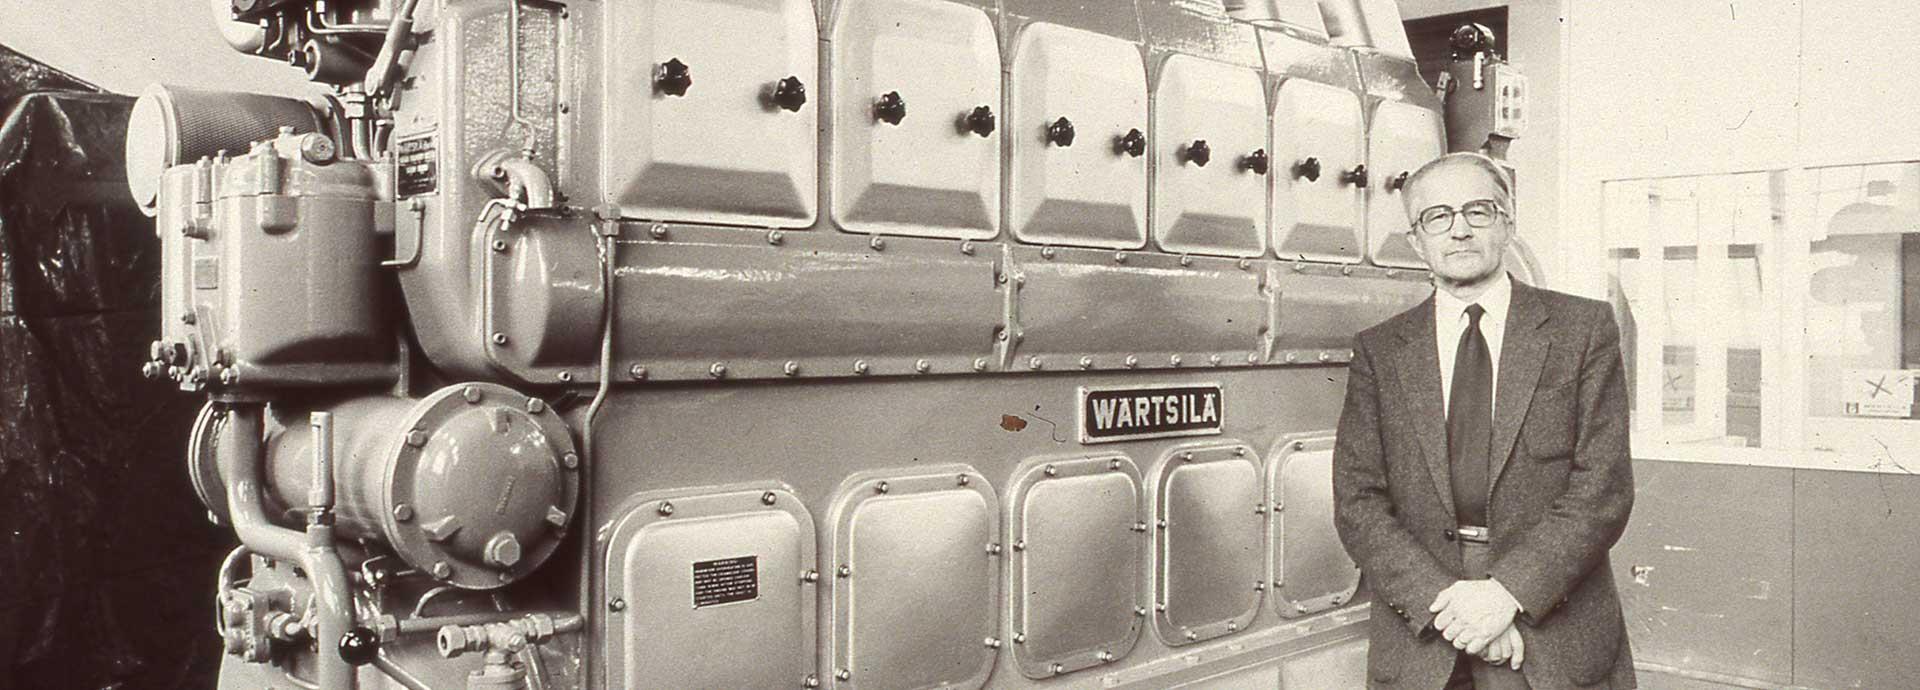 Wärtsilä 14 and Wilmer Wahlstedt